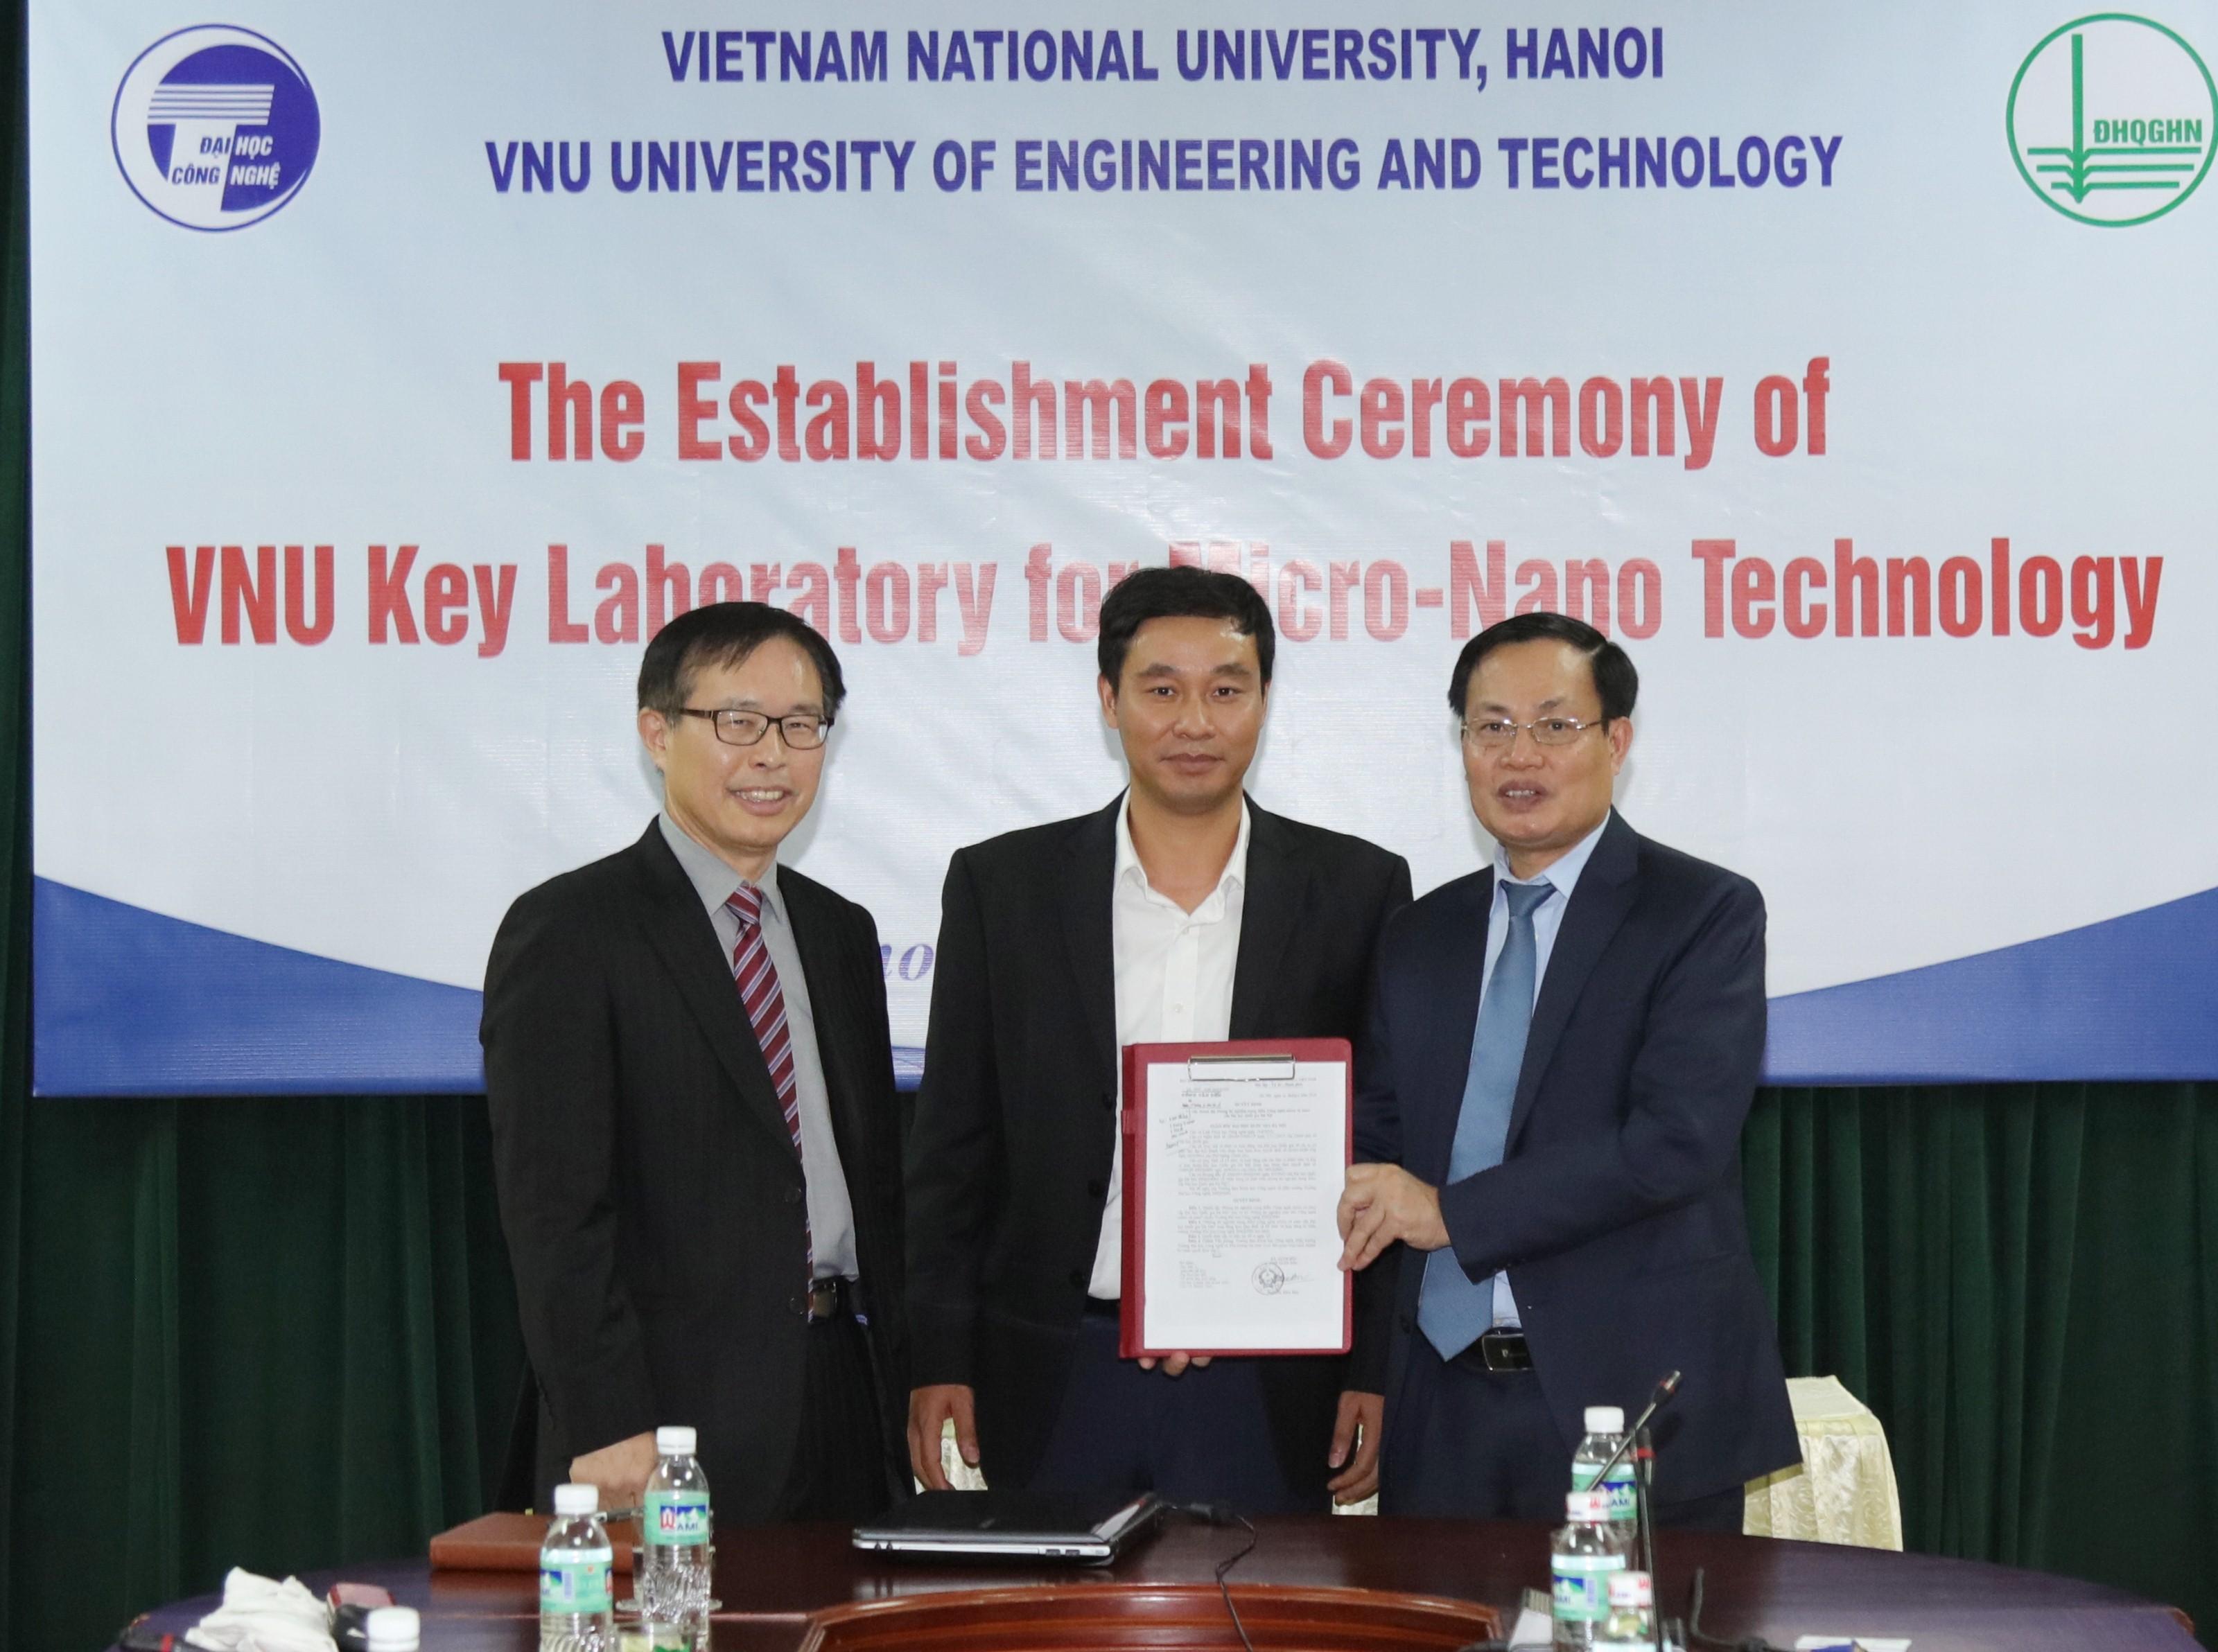 Opening of VNU Key Laboratory for Micro-Nano Technology